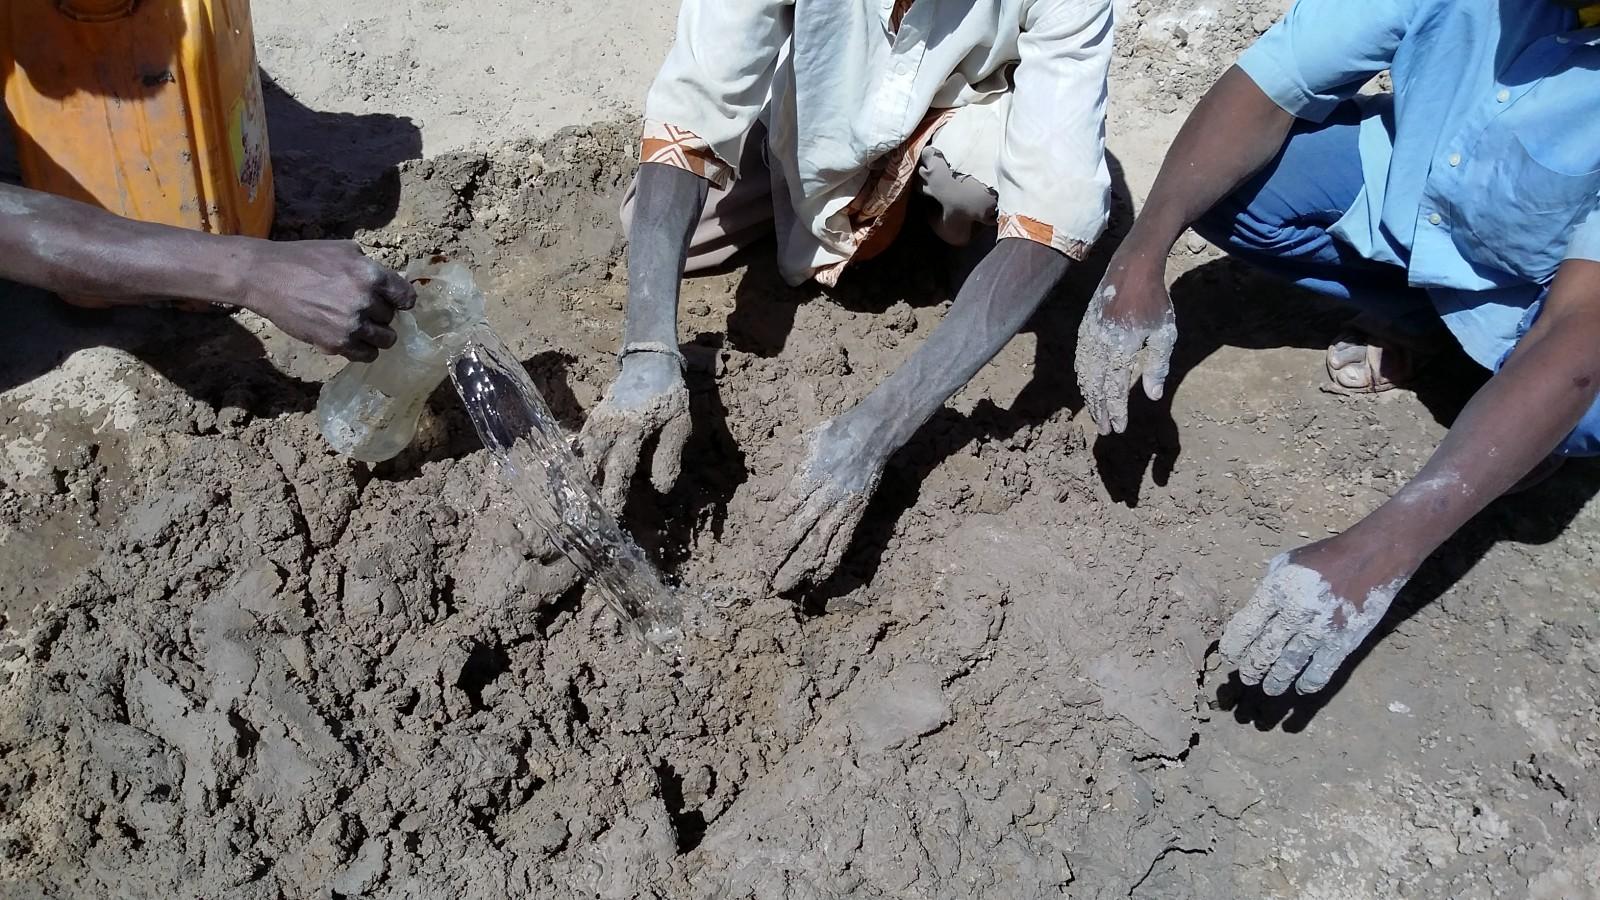 Mortar preparation, Timbuktu